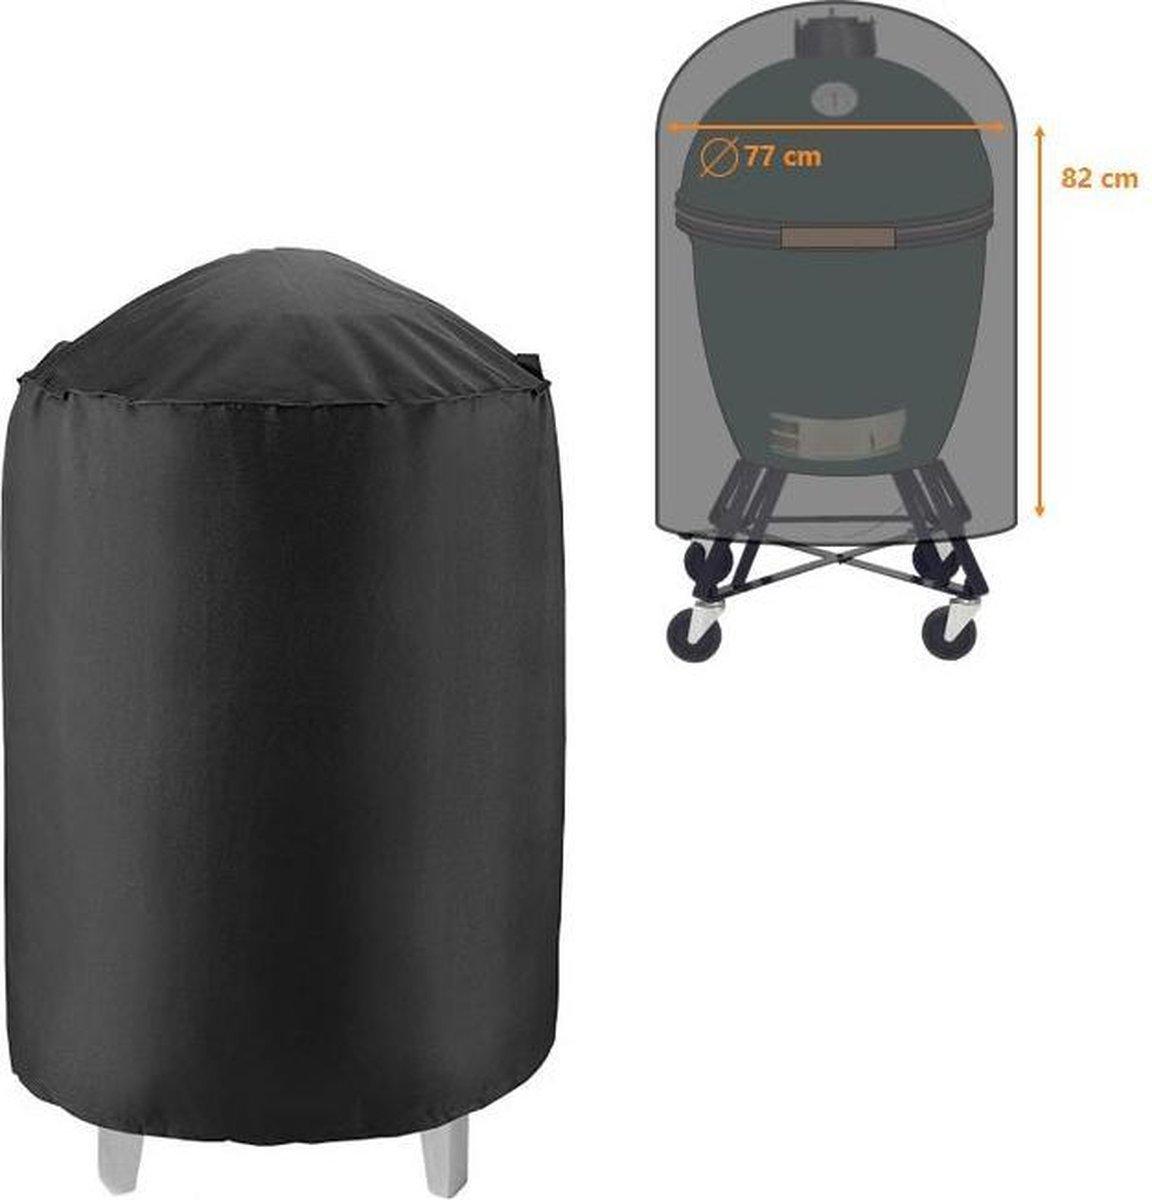 Waterdichte ronde BBQ hoes - 82 cm x 77 cm - Barbecue beschermhoes - BBQ accessoires - Geschikt voor